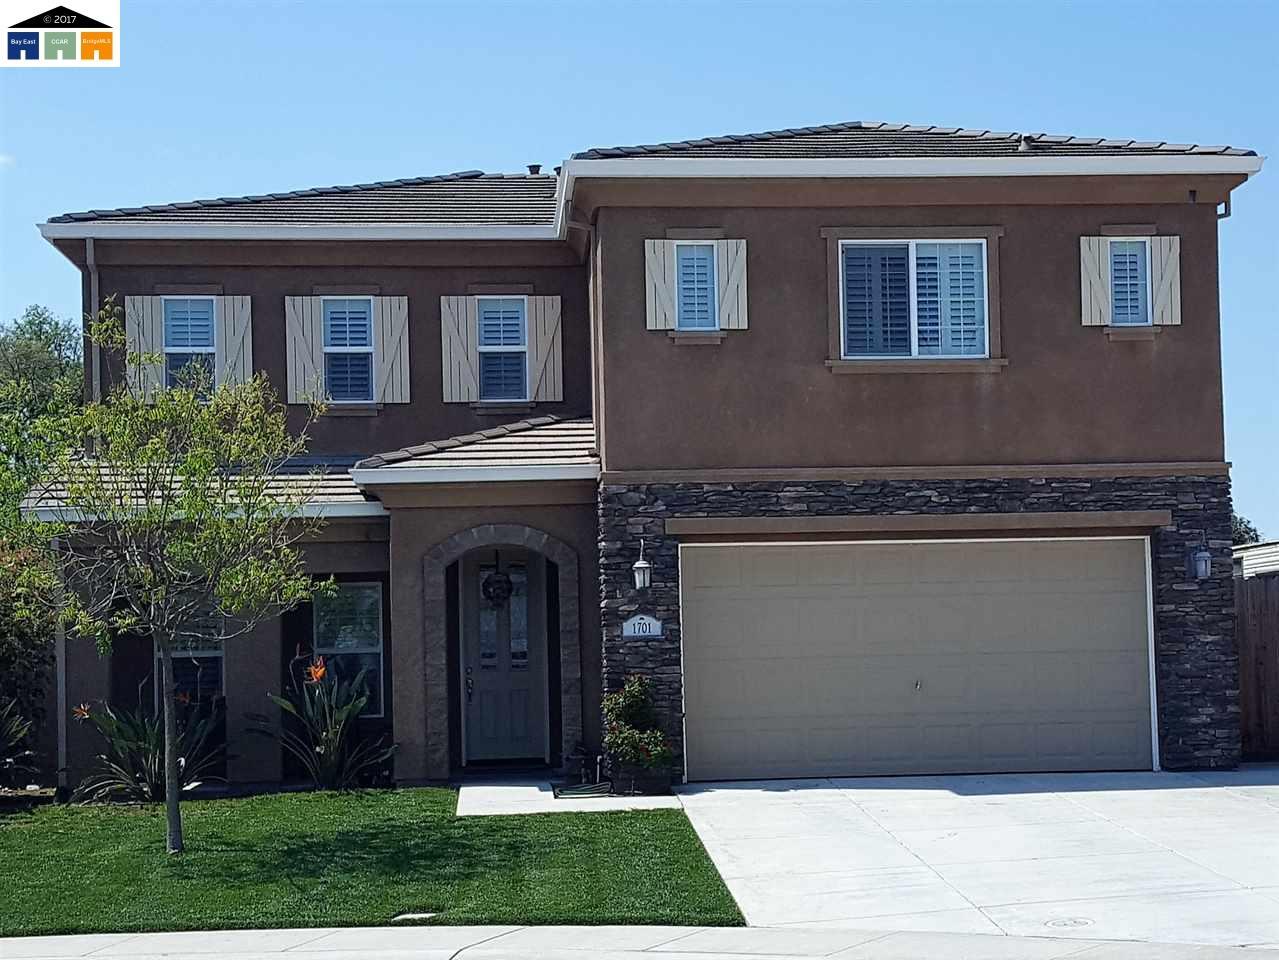 Maison unifamiliale pour l Vente à 1701 Jackie Place Manteca, Californie 95337 États-Unis